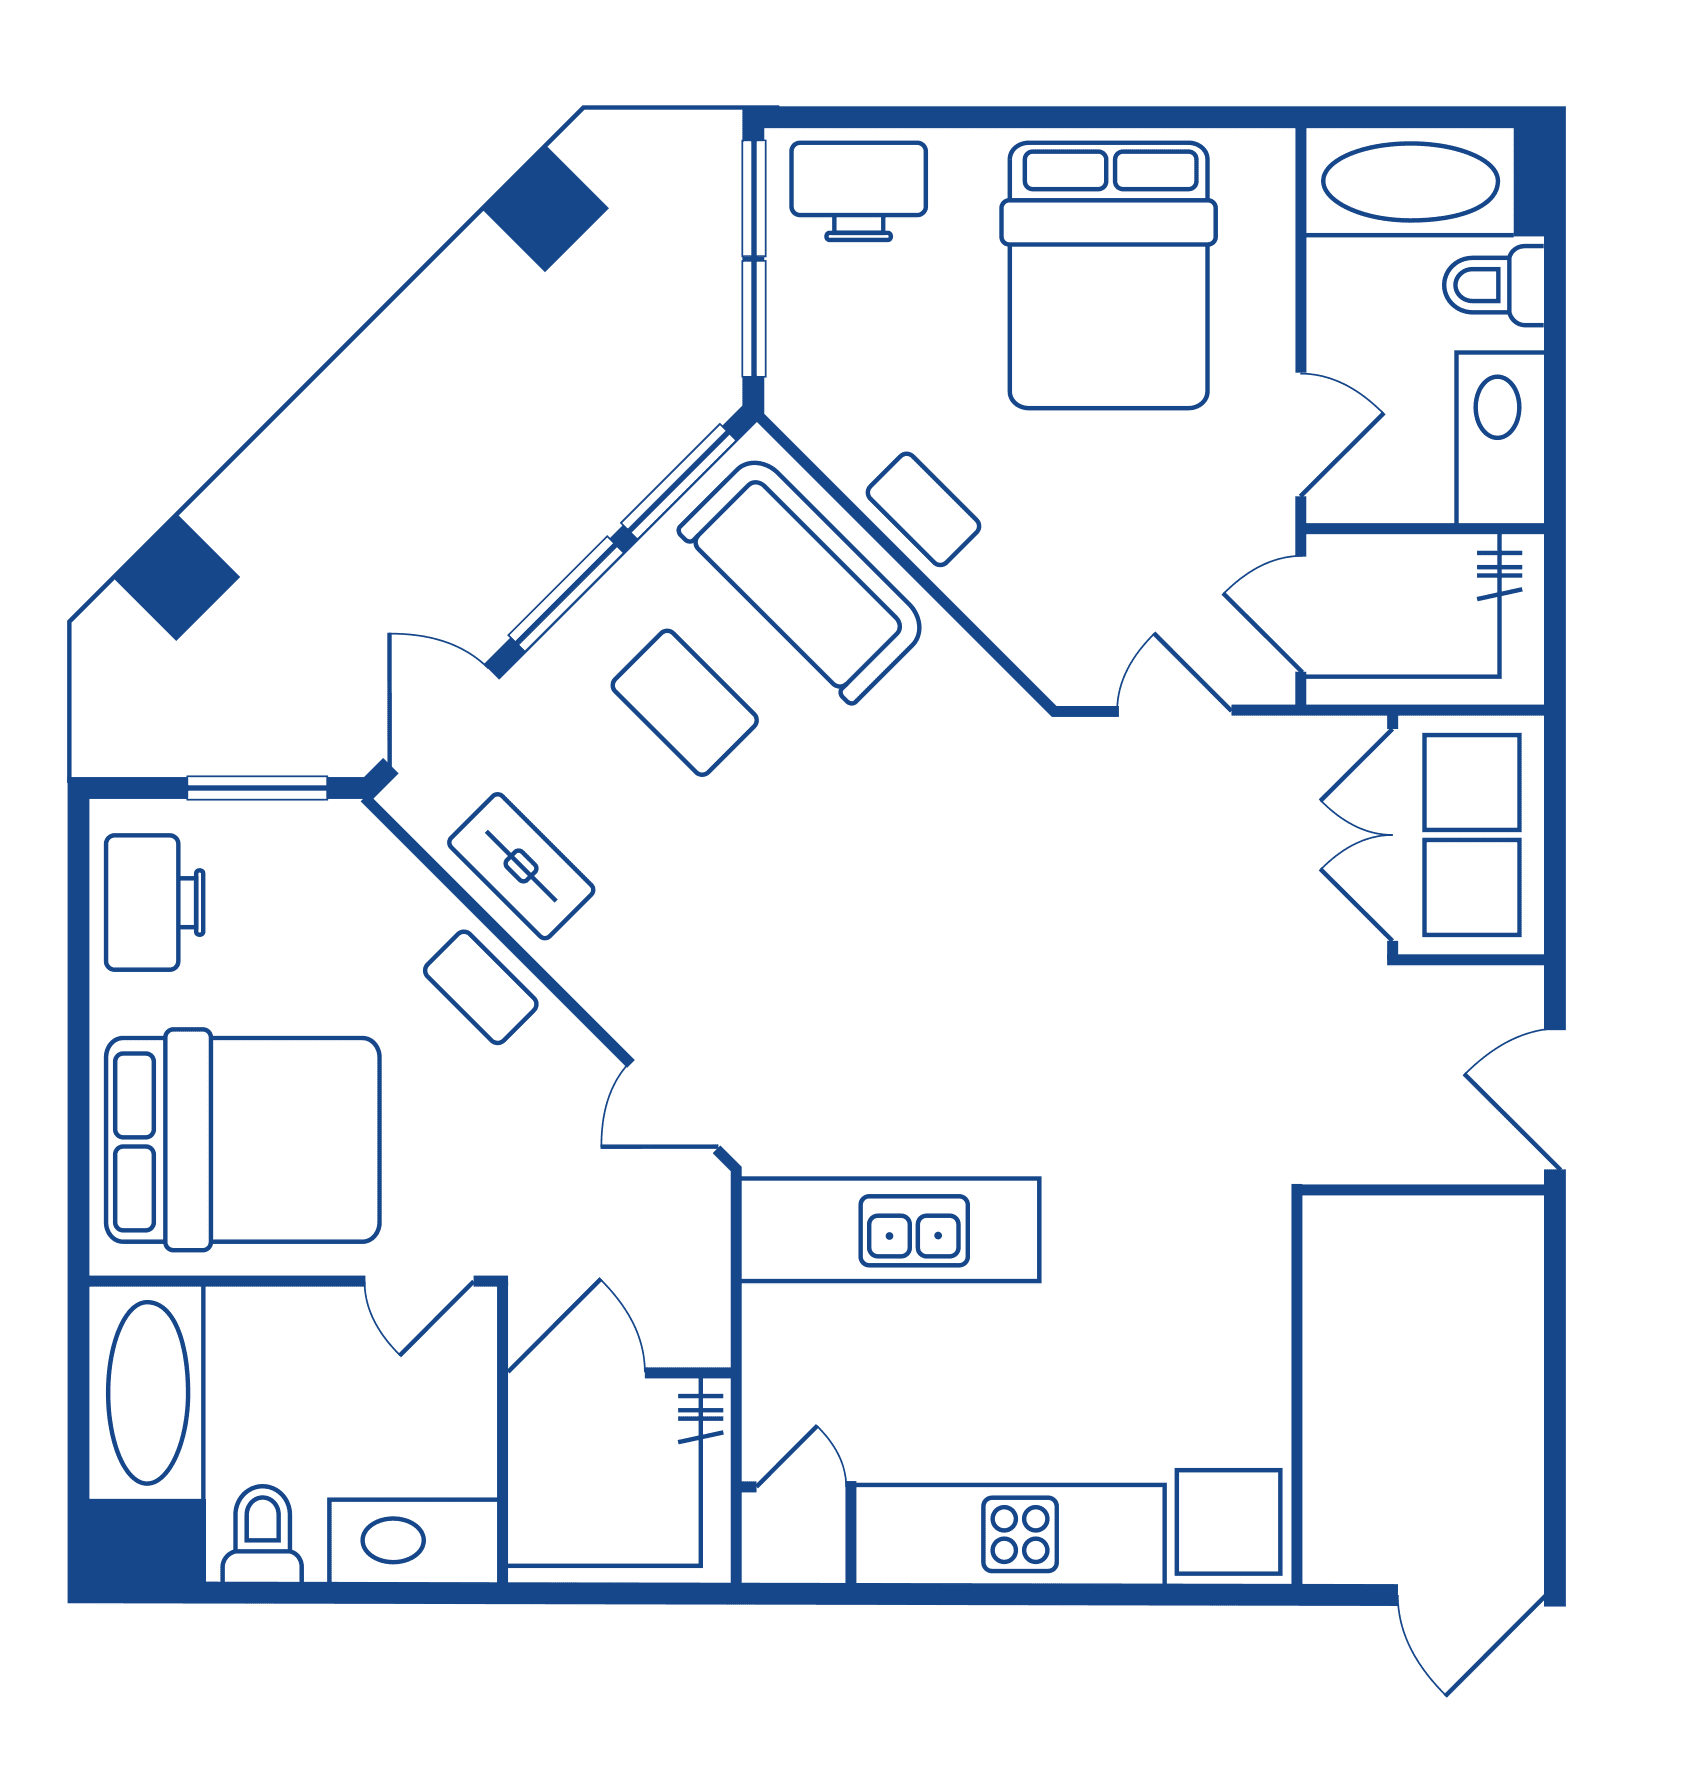 Chapel Hill Apartment Vacancy Rate: Rates/Floorplans Lark Chapel Hill